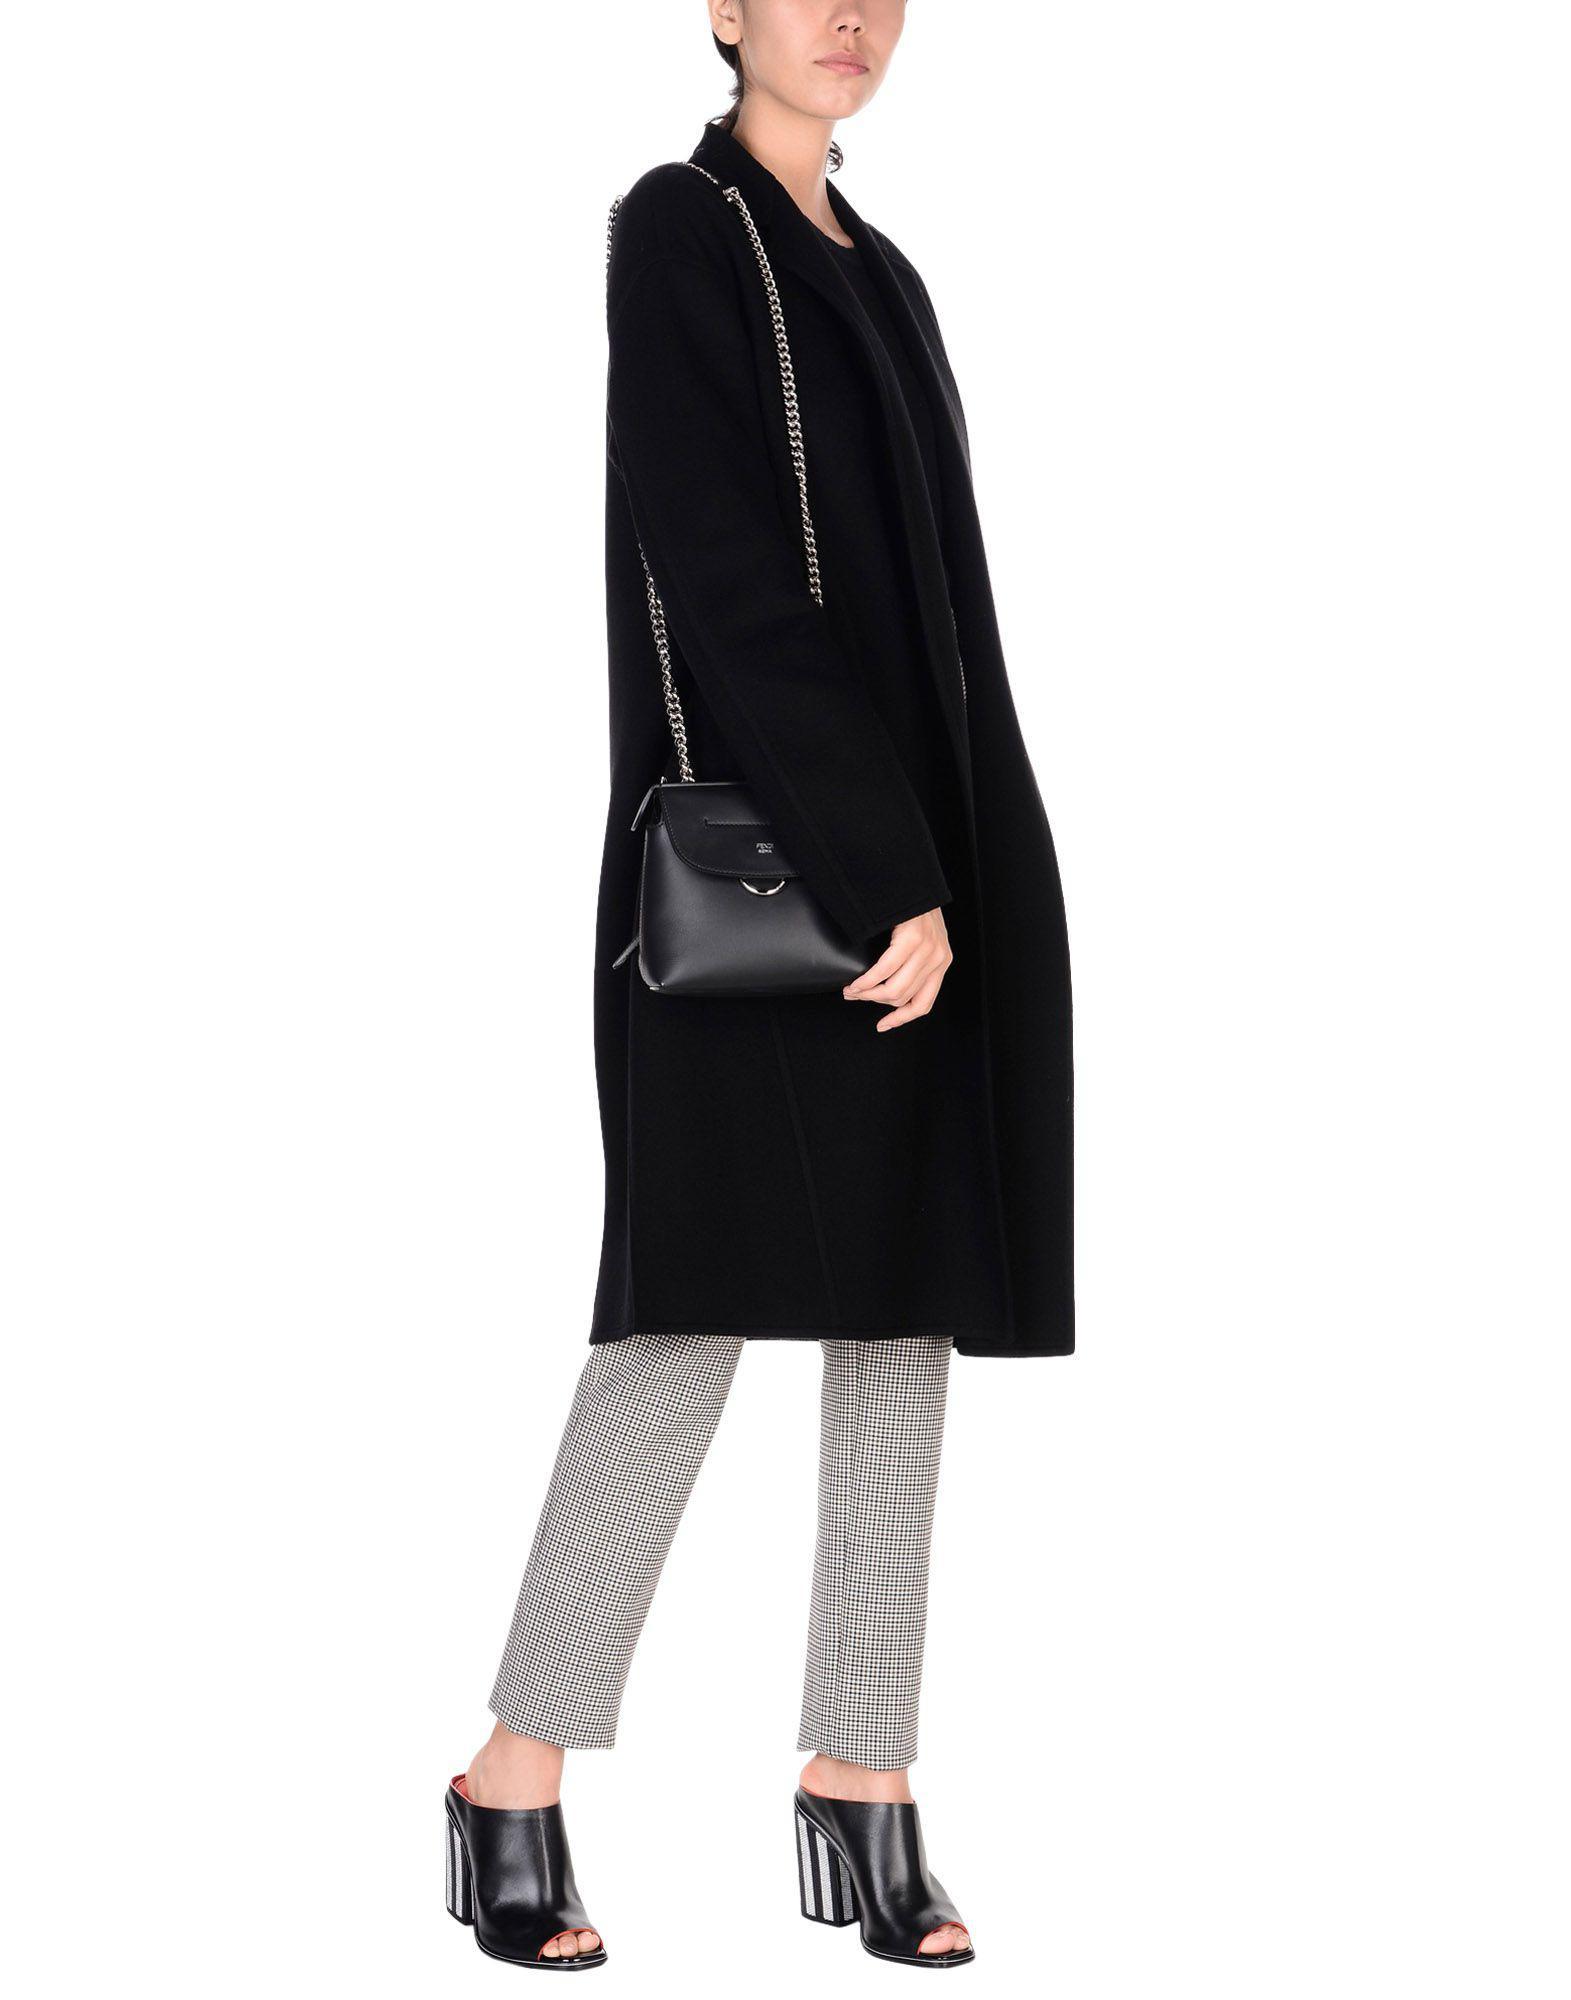 Fendi Cross-body Bag in Black